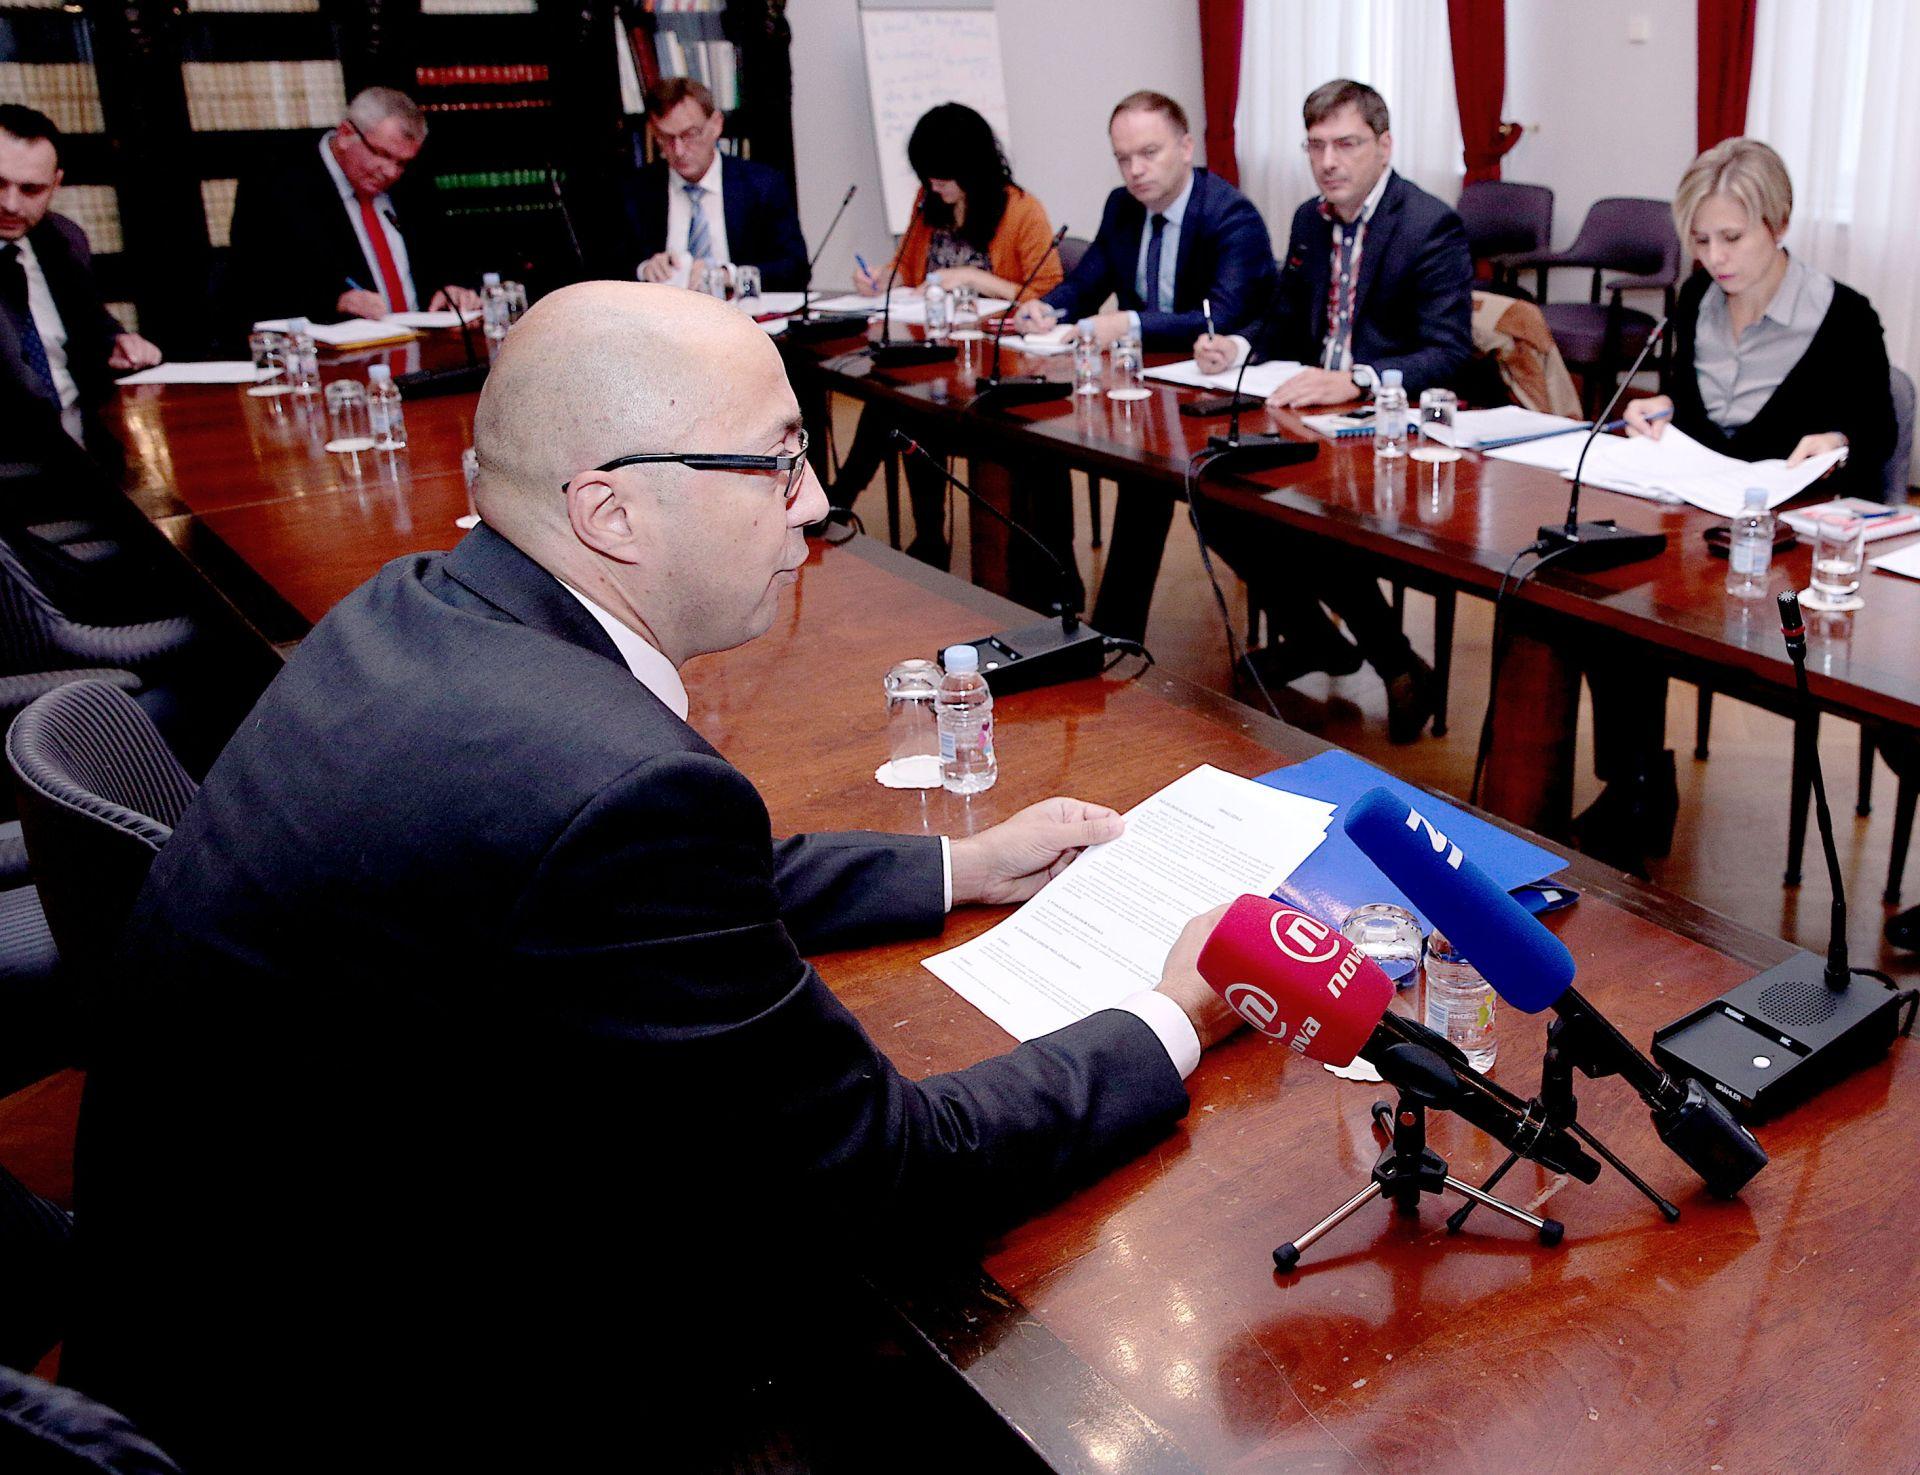 Odgođena sjednica Odbora za zakonodavstvo, propala i sjednica Odbora za Ustav